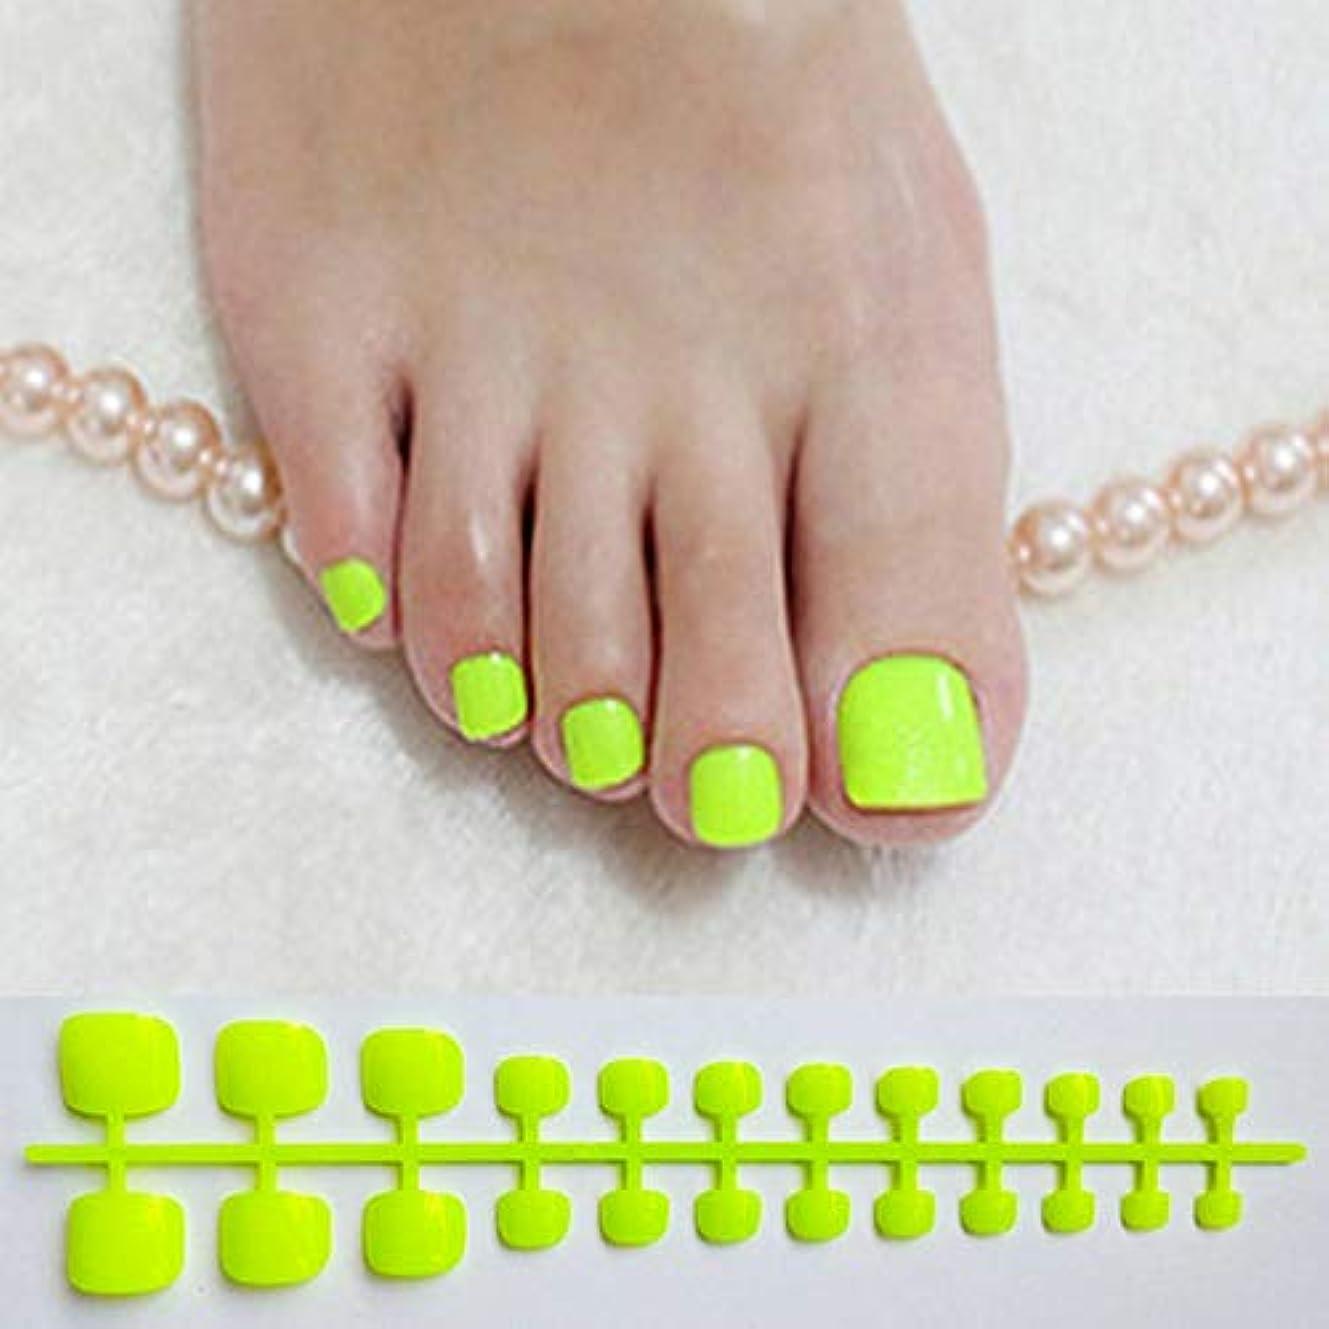 有効化計算可能降臨XUTXZKA 人工爪色の爪の明るい緑の偽のつま先の爪の広場